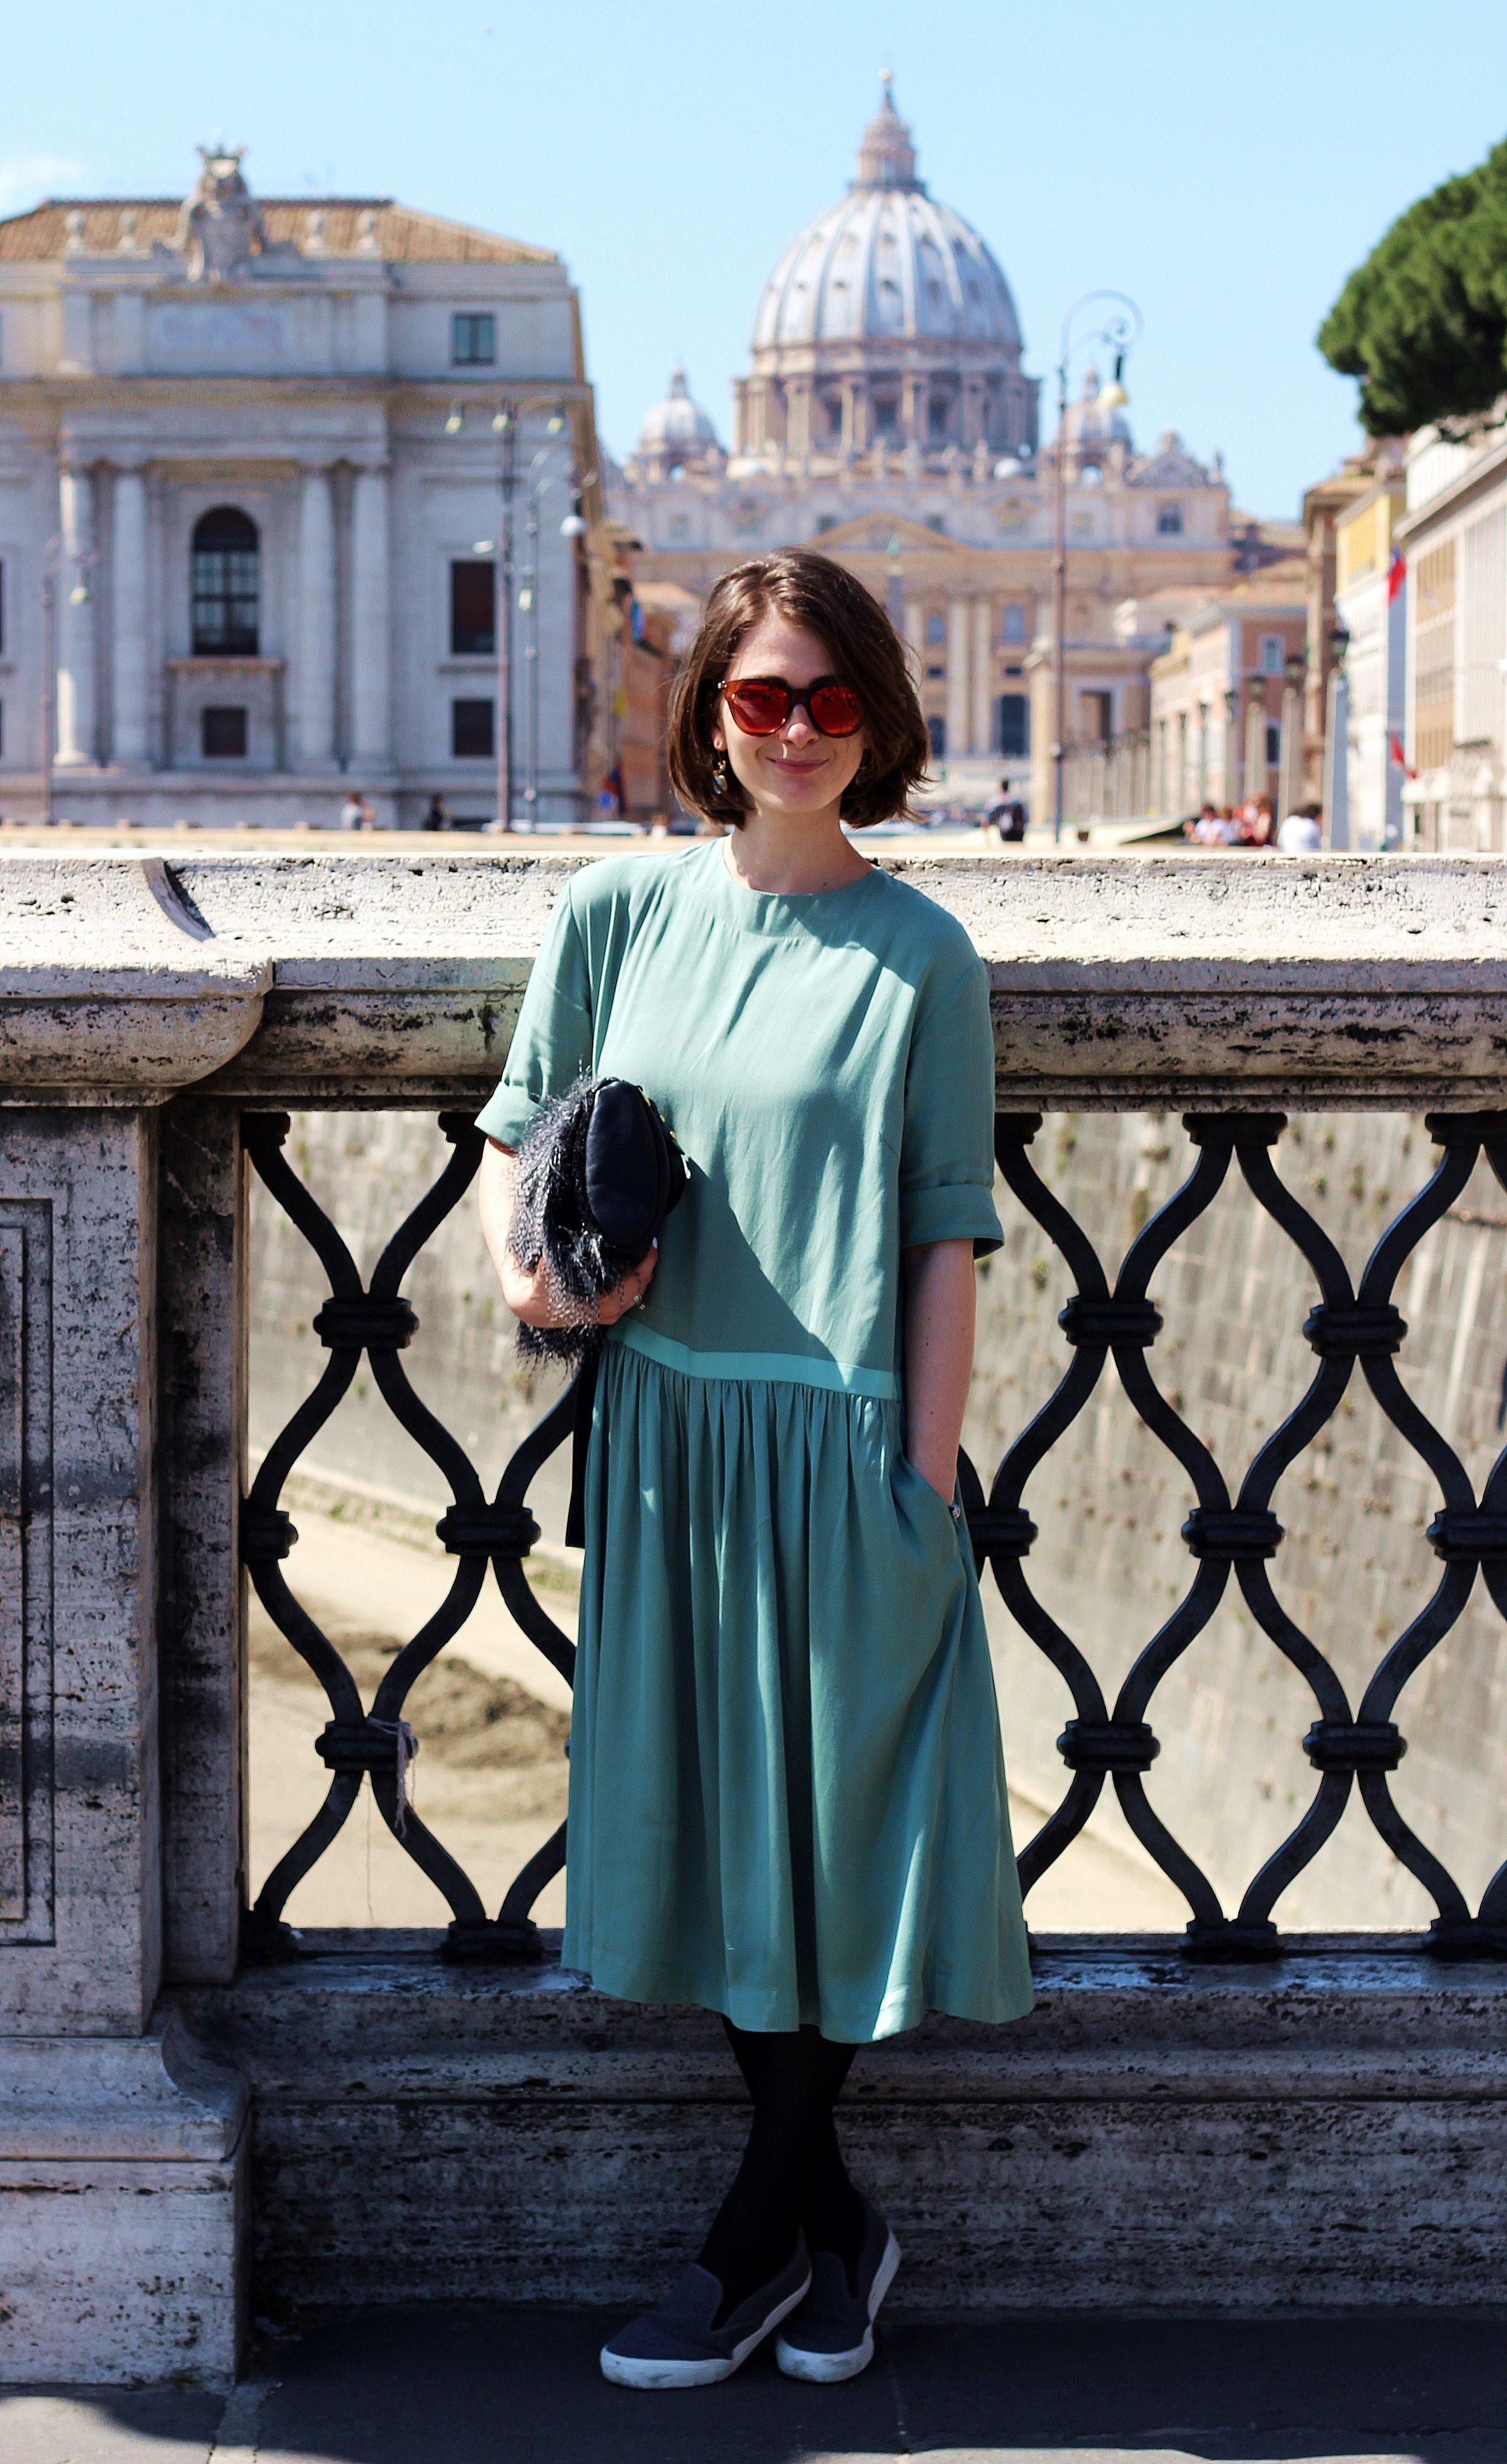 ann-a-porter-fashion-blog-roma-italy-blogger-annaporter